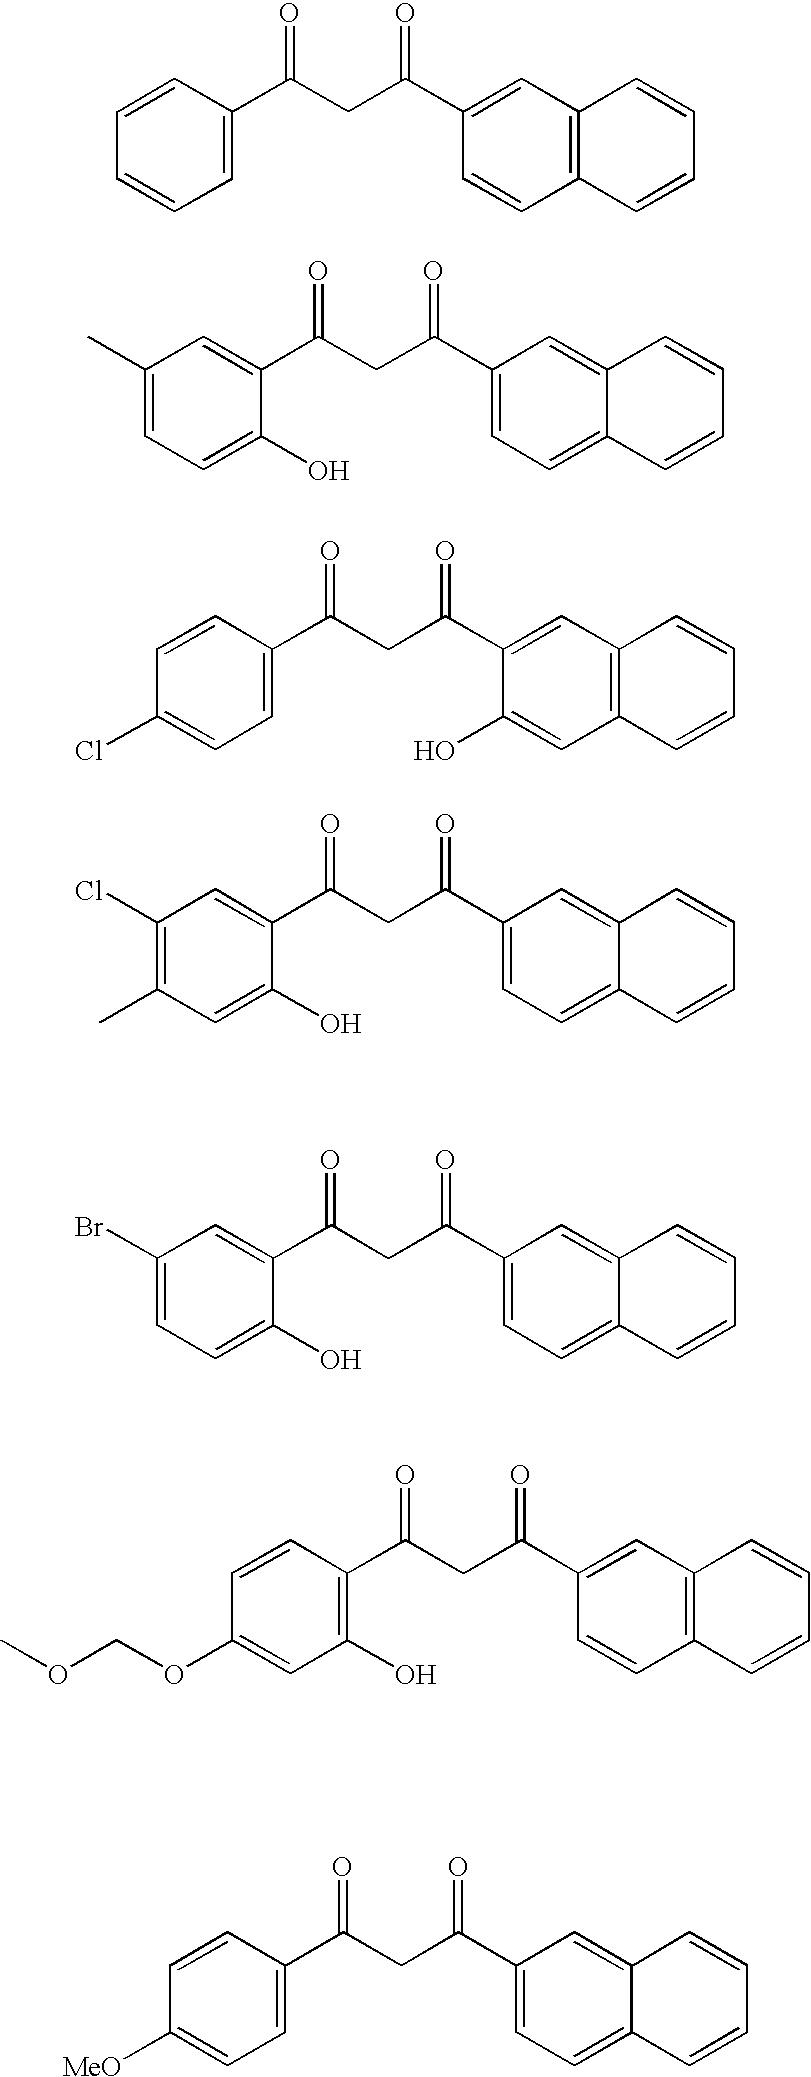 Figure US07955861-20110607-C00012